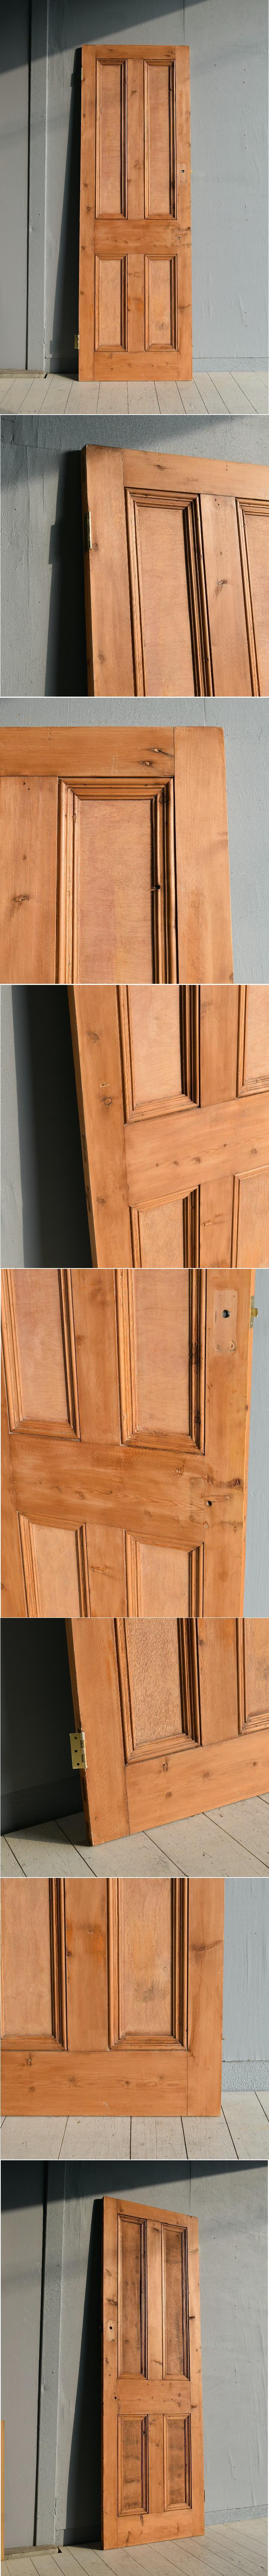 イギリス アンティーク オールドパイン ドア 扉 建具 7782